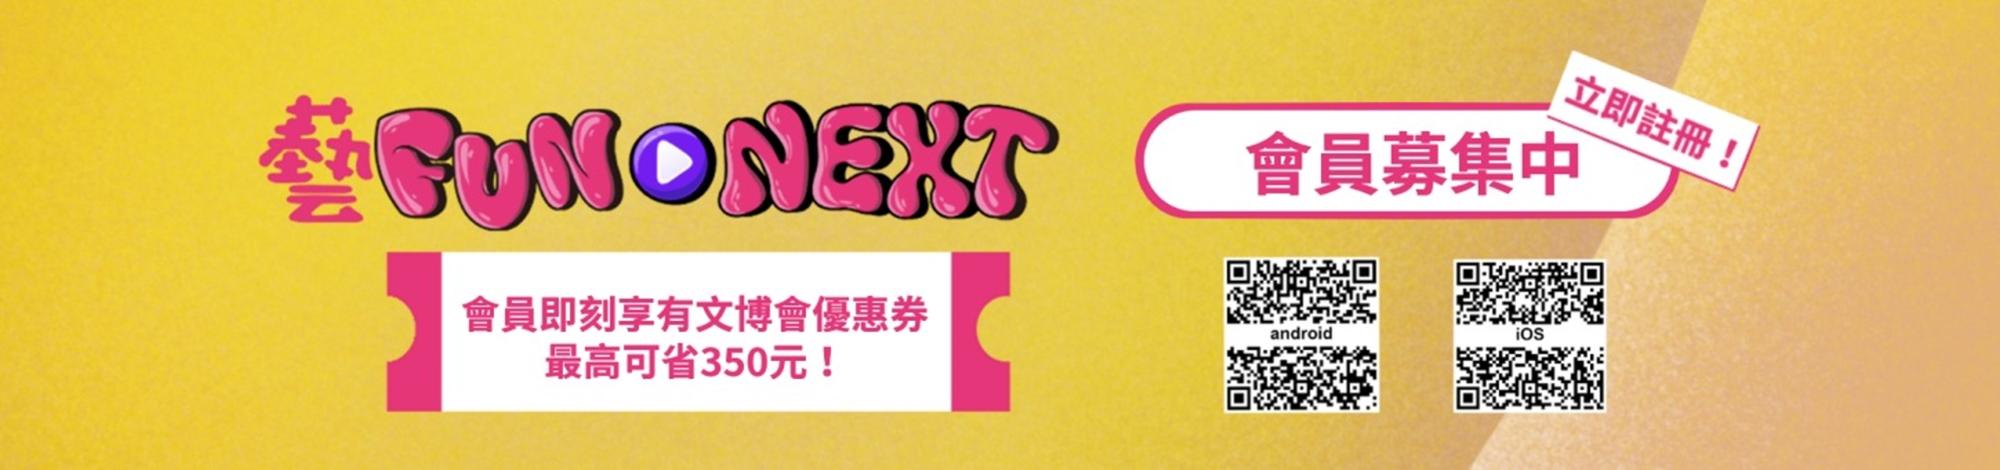 「藝FUN NEXT」會員募集中